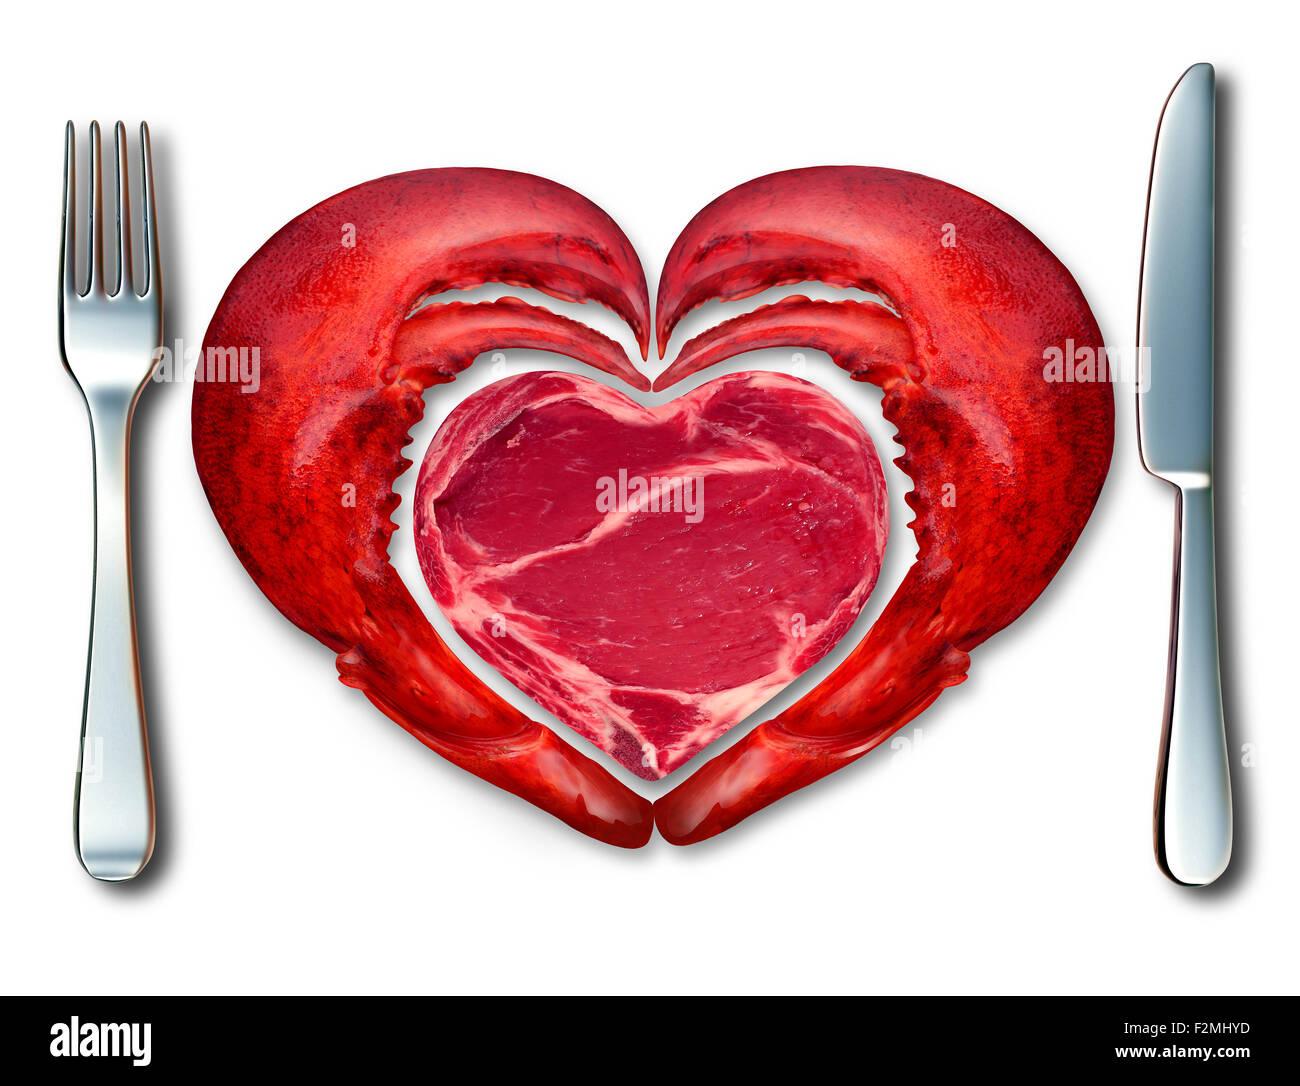 Surf and Turf symbole de fine cuisine et de l'amour de la viande et les fruits de mer comme un steak et du homard dans un endroit avec une fourchette et un couteau en forme de cœur sur un fond blanc. Banque D'Images